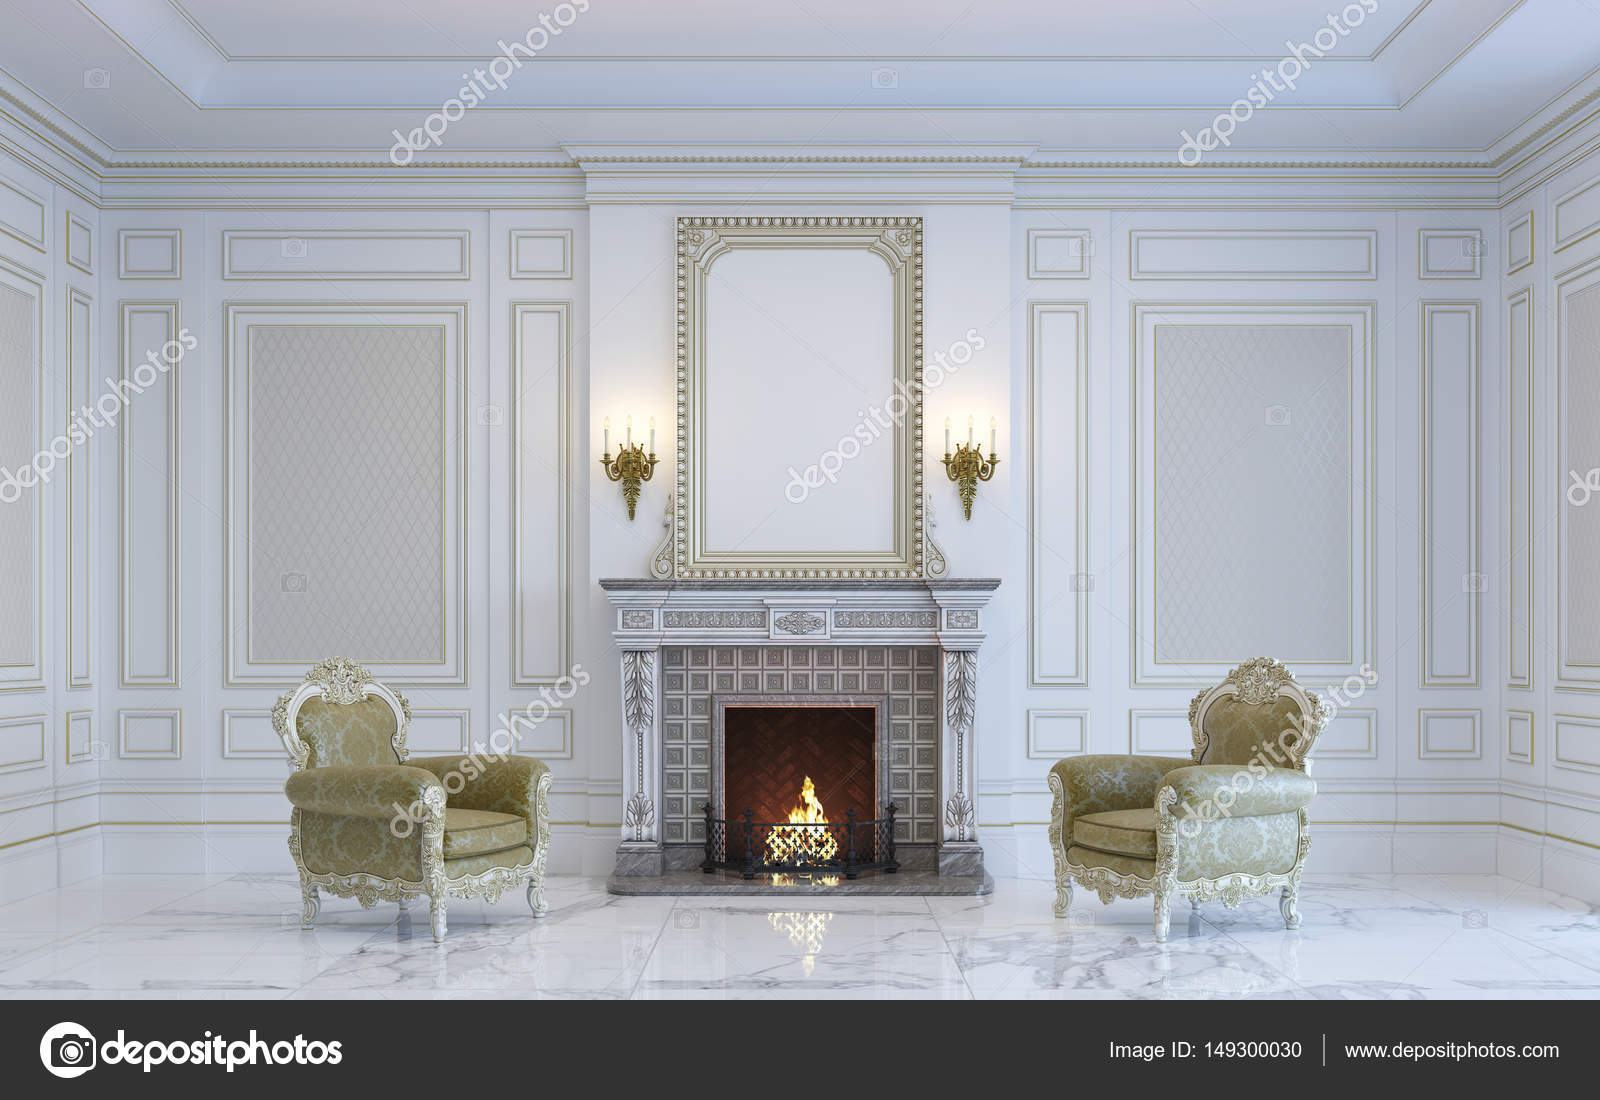 Interni classici sono in tonalit chiare con camino rendering 3d foto stock lookash 149300030 - Interni classici ...